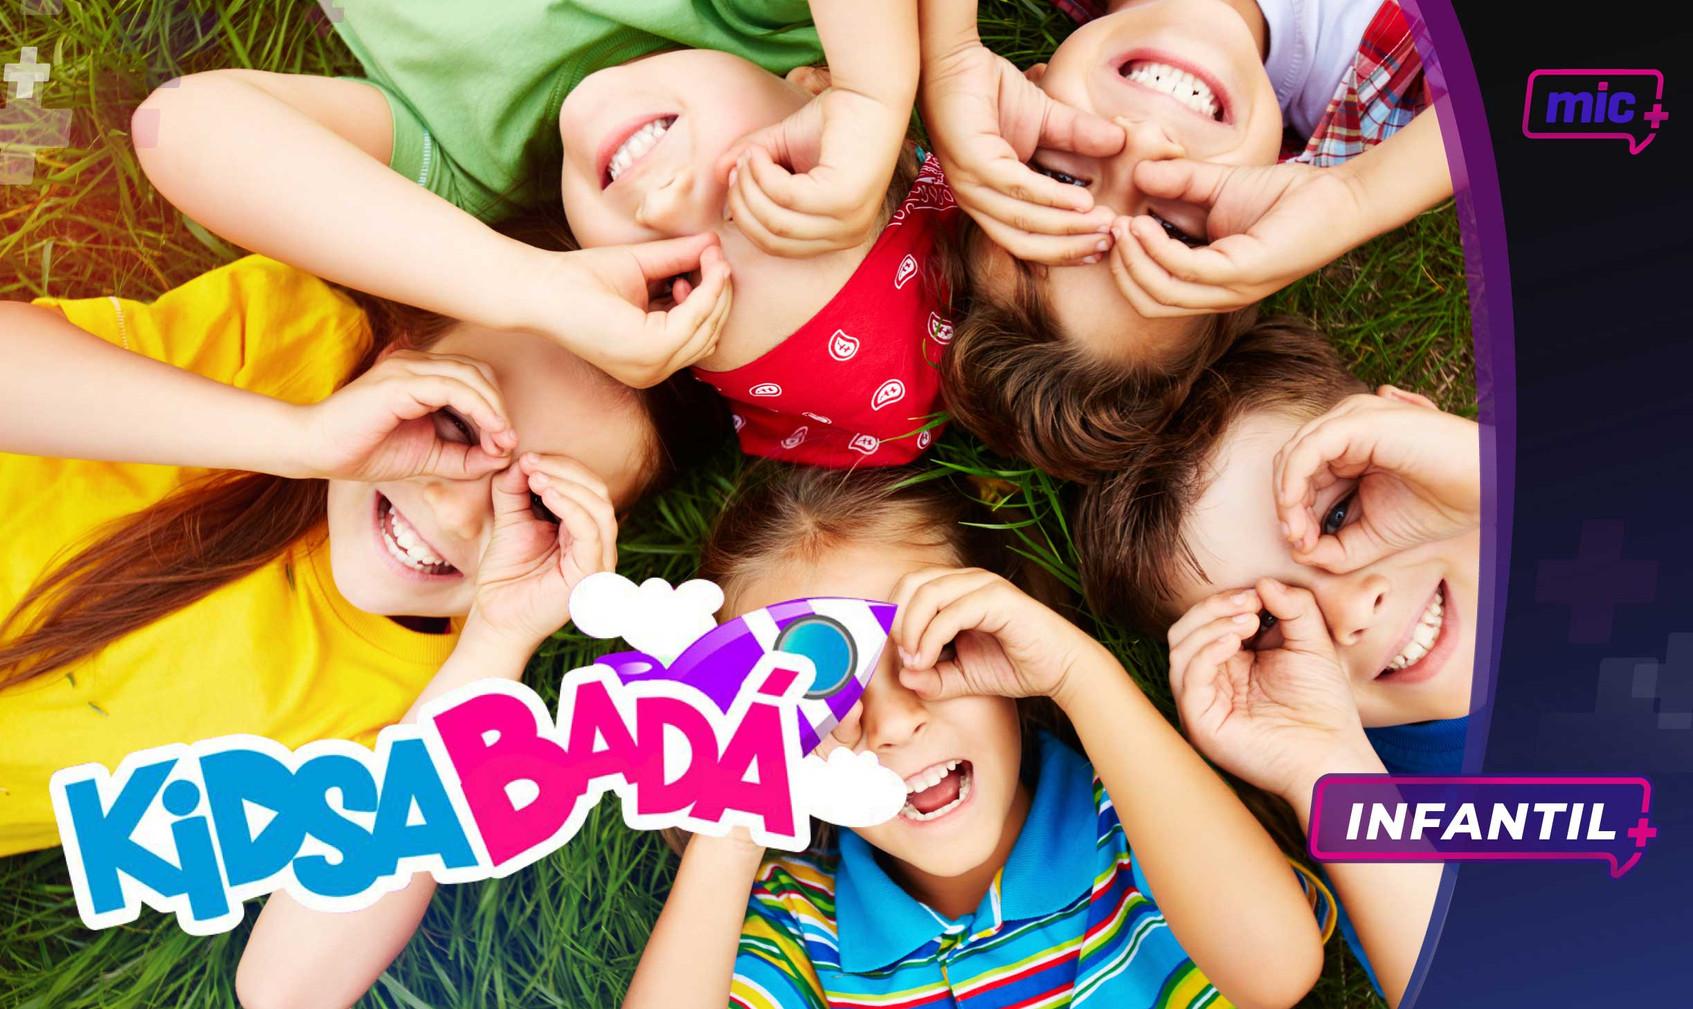 41-KidsaBadá-Portada.jpg